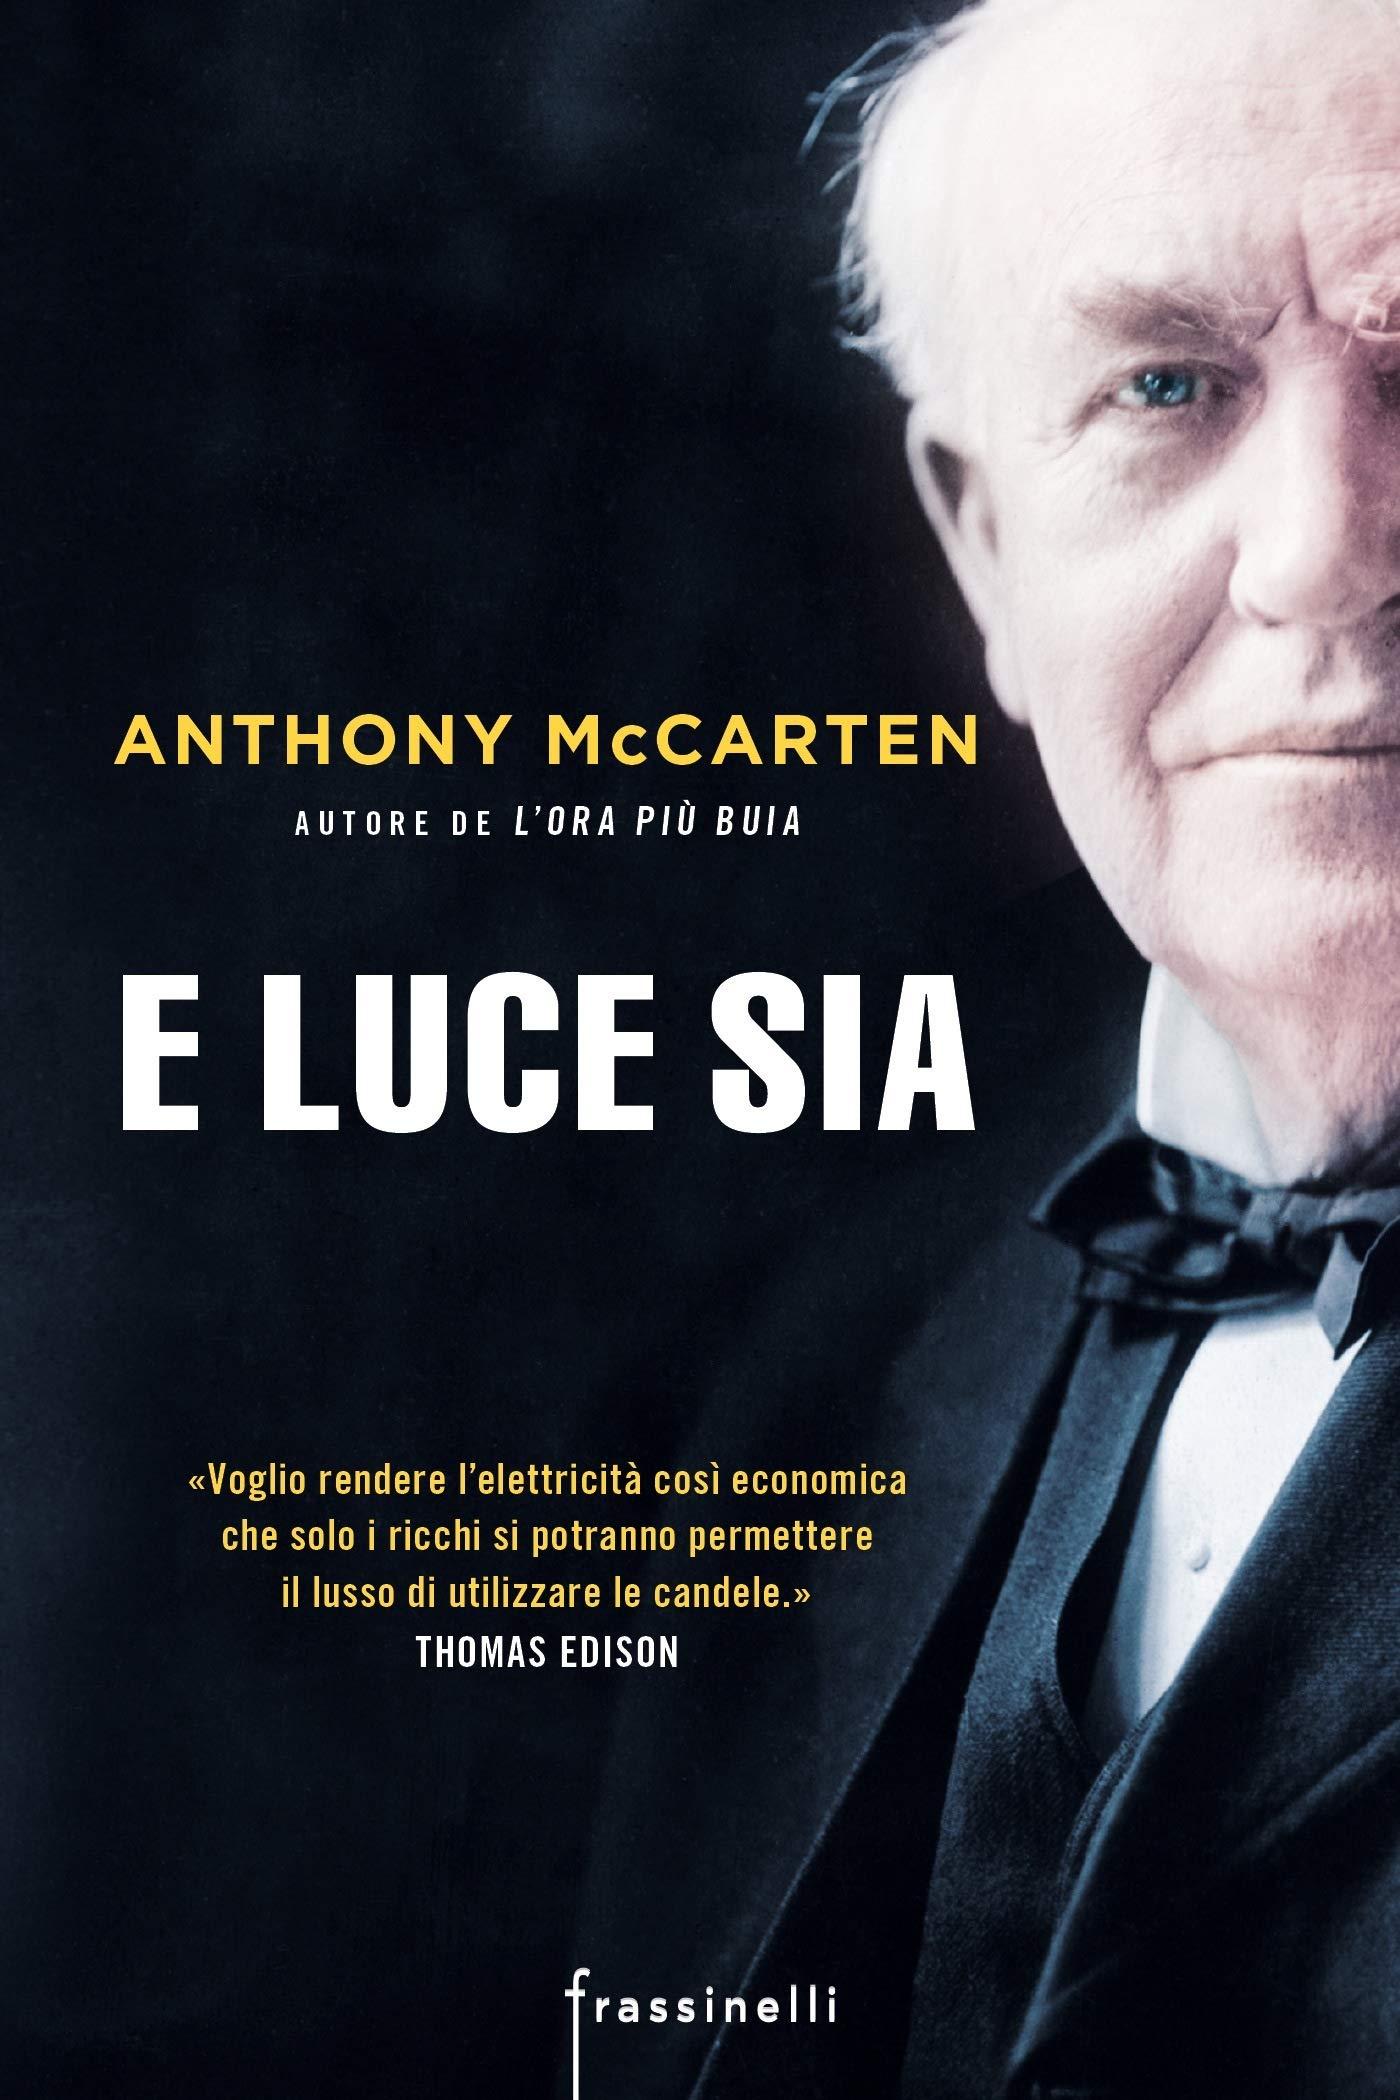 62f67e8548cb32 Amazon.it: E luce sia - Anthony McCarten, P. D'Accardi - Libri